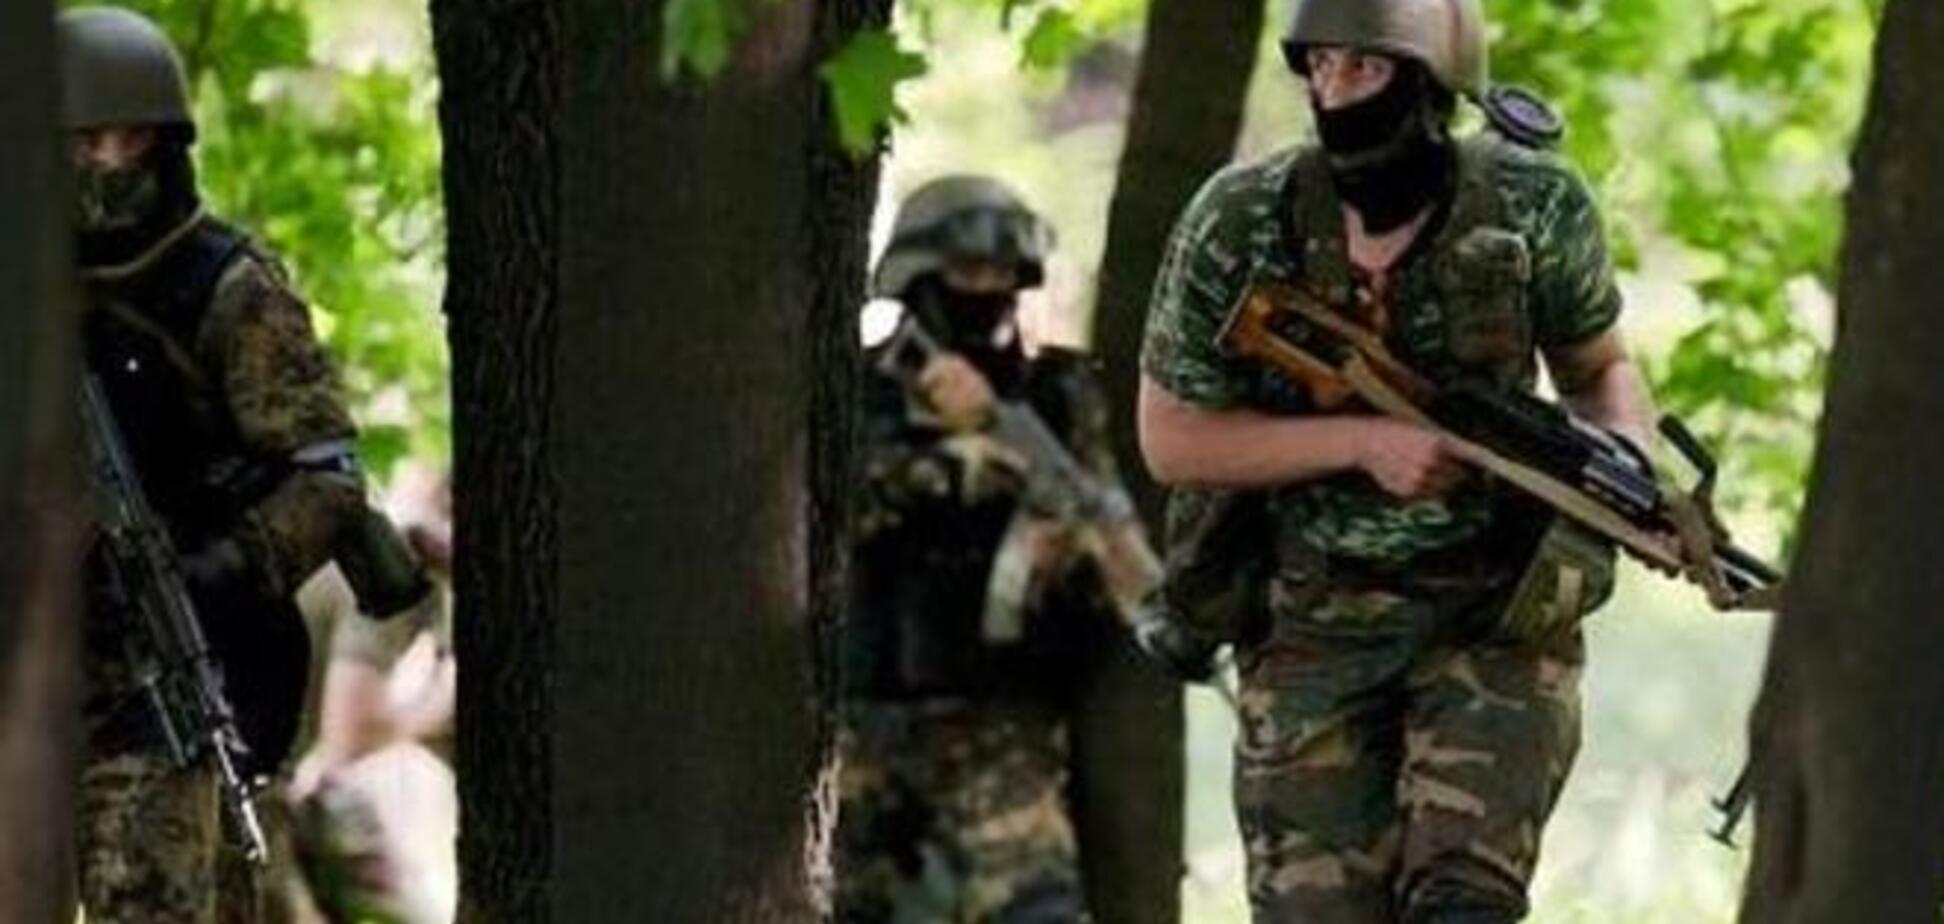 Собственным пиаром депутат Катеринчук ставит под угрозу жизнь пленных в зоне АТО